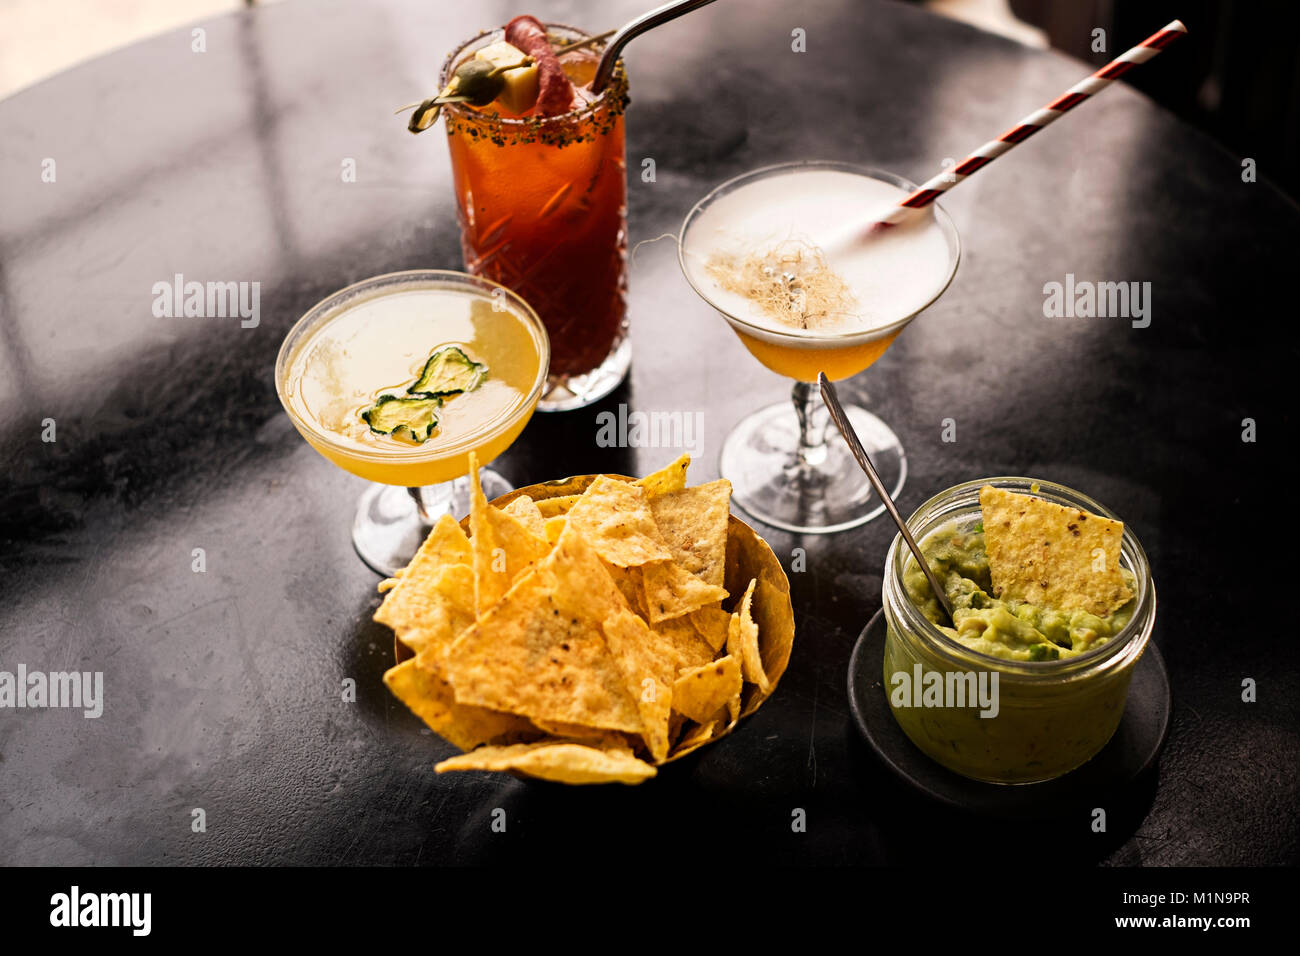 Trio di classici cocktail serviti con tortilla chips e guacamole. Immagini Stock